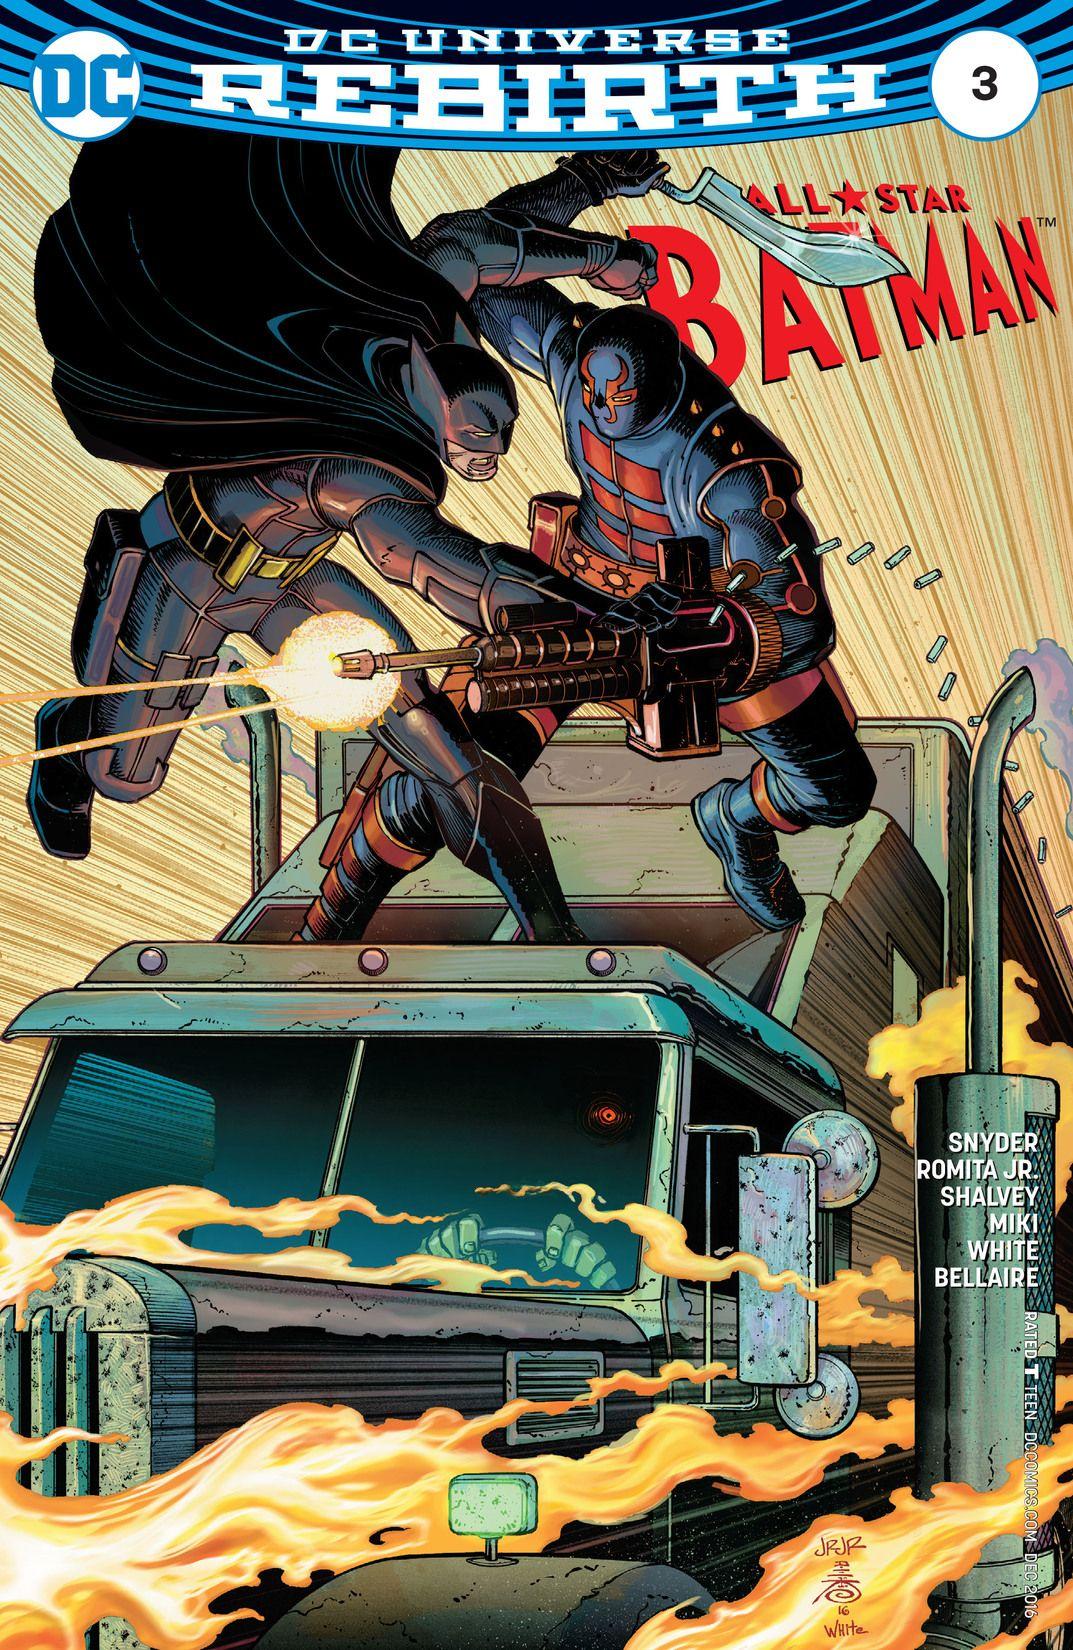 All-Star Batman